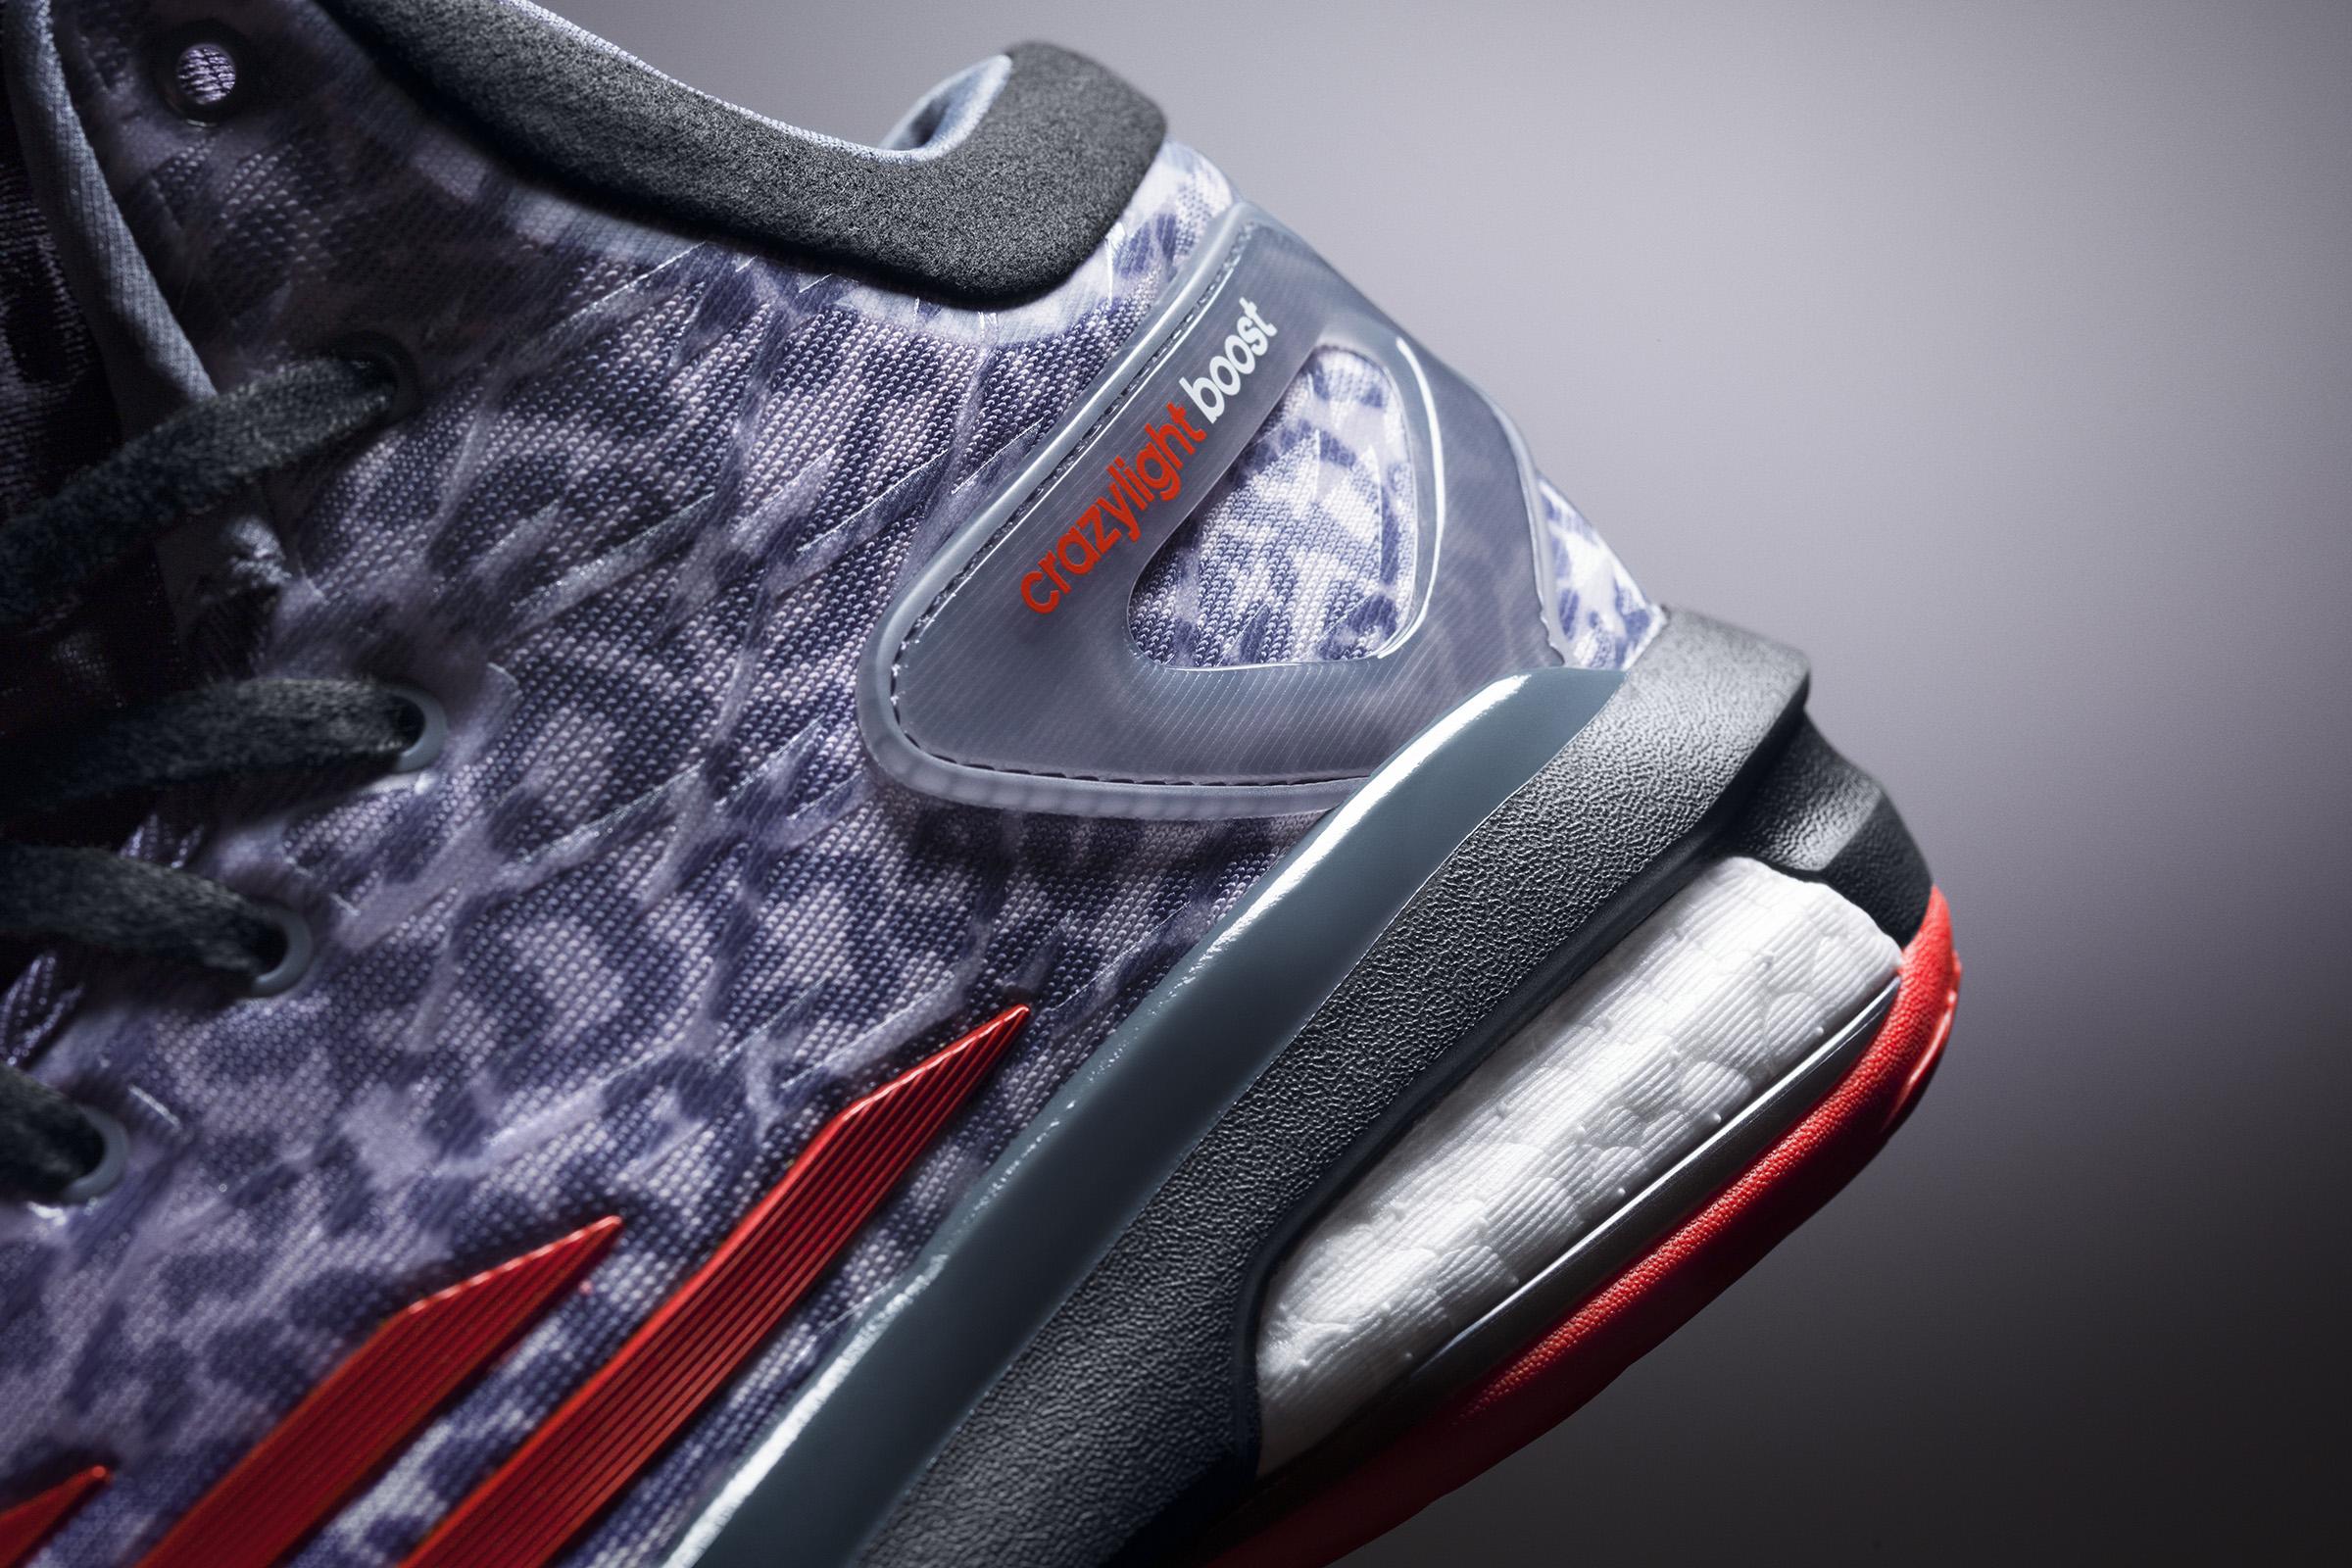 In questa photogallery proveniente dal sito adidas alcuni dettagli delle scarpe e degli atleti